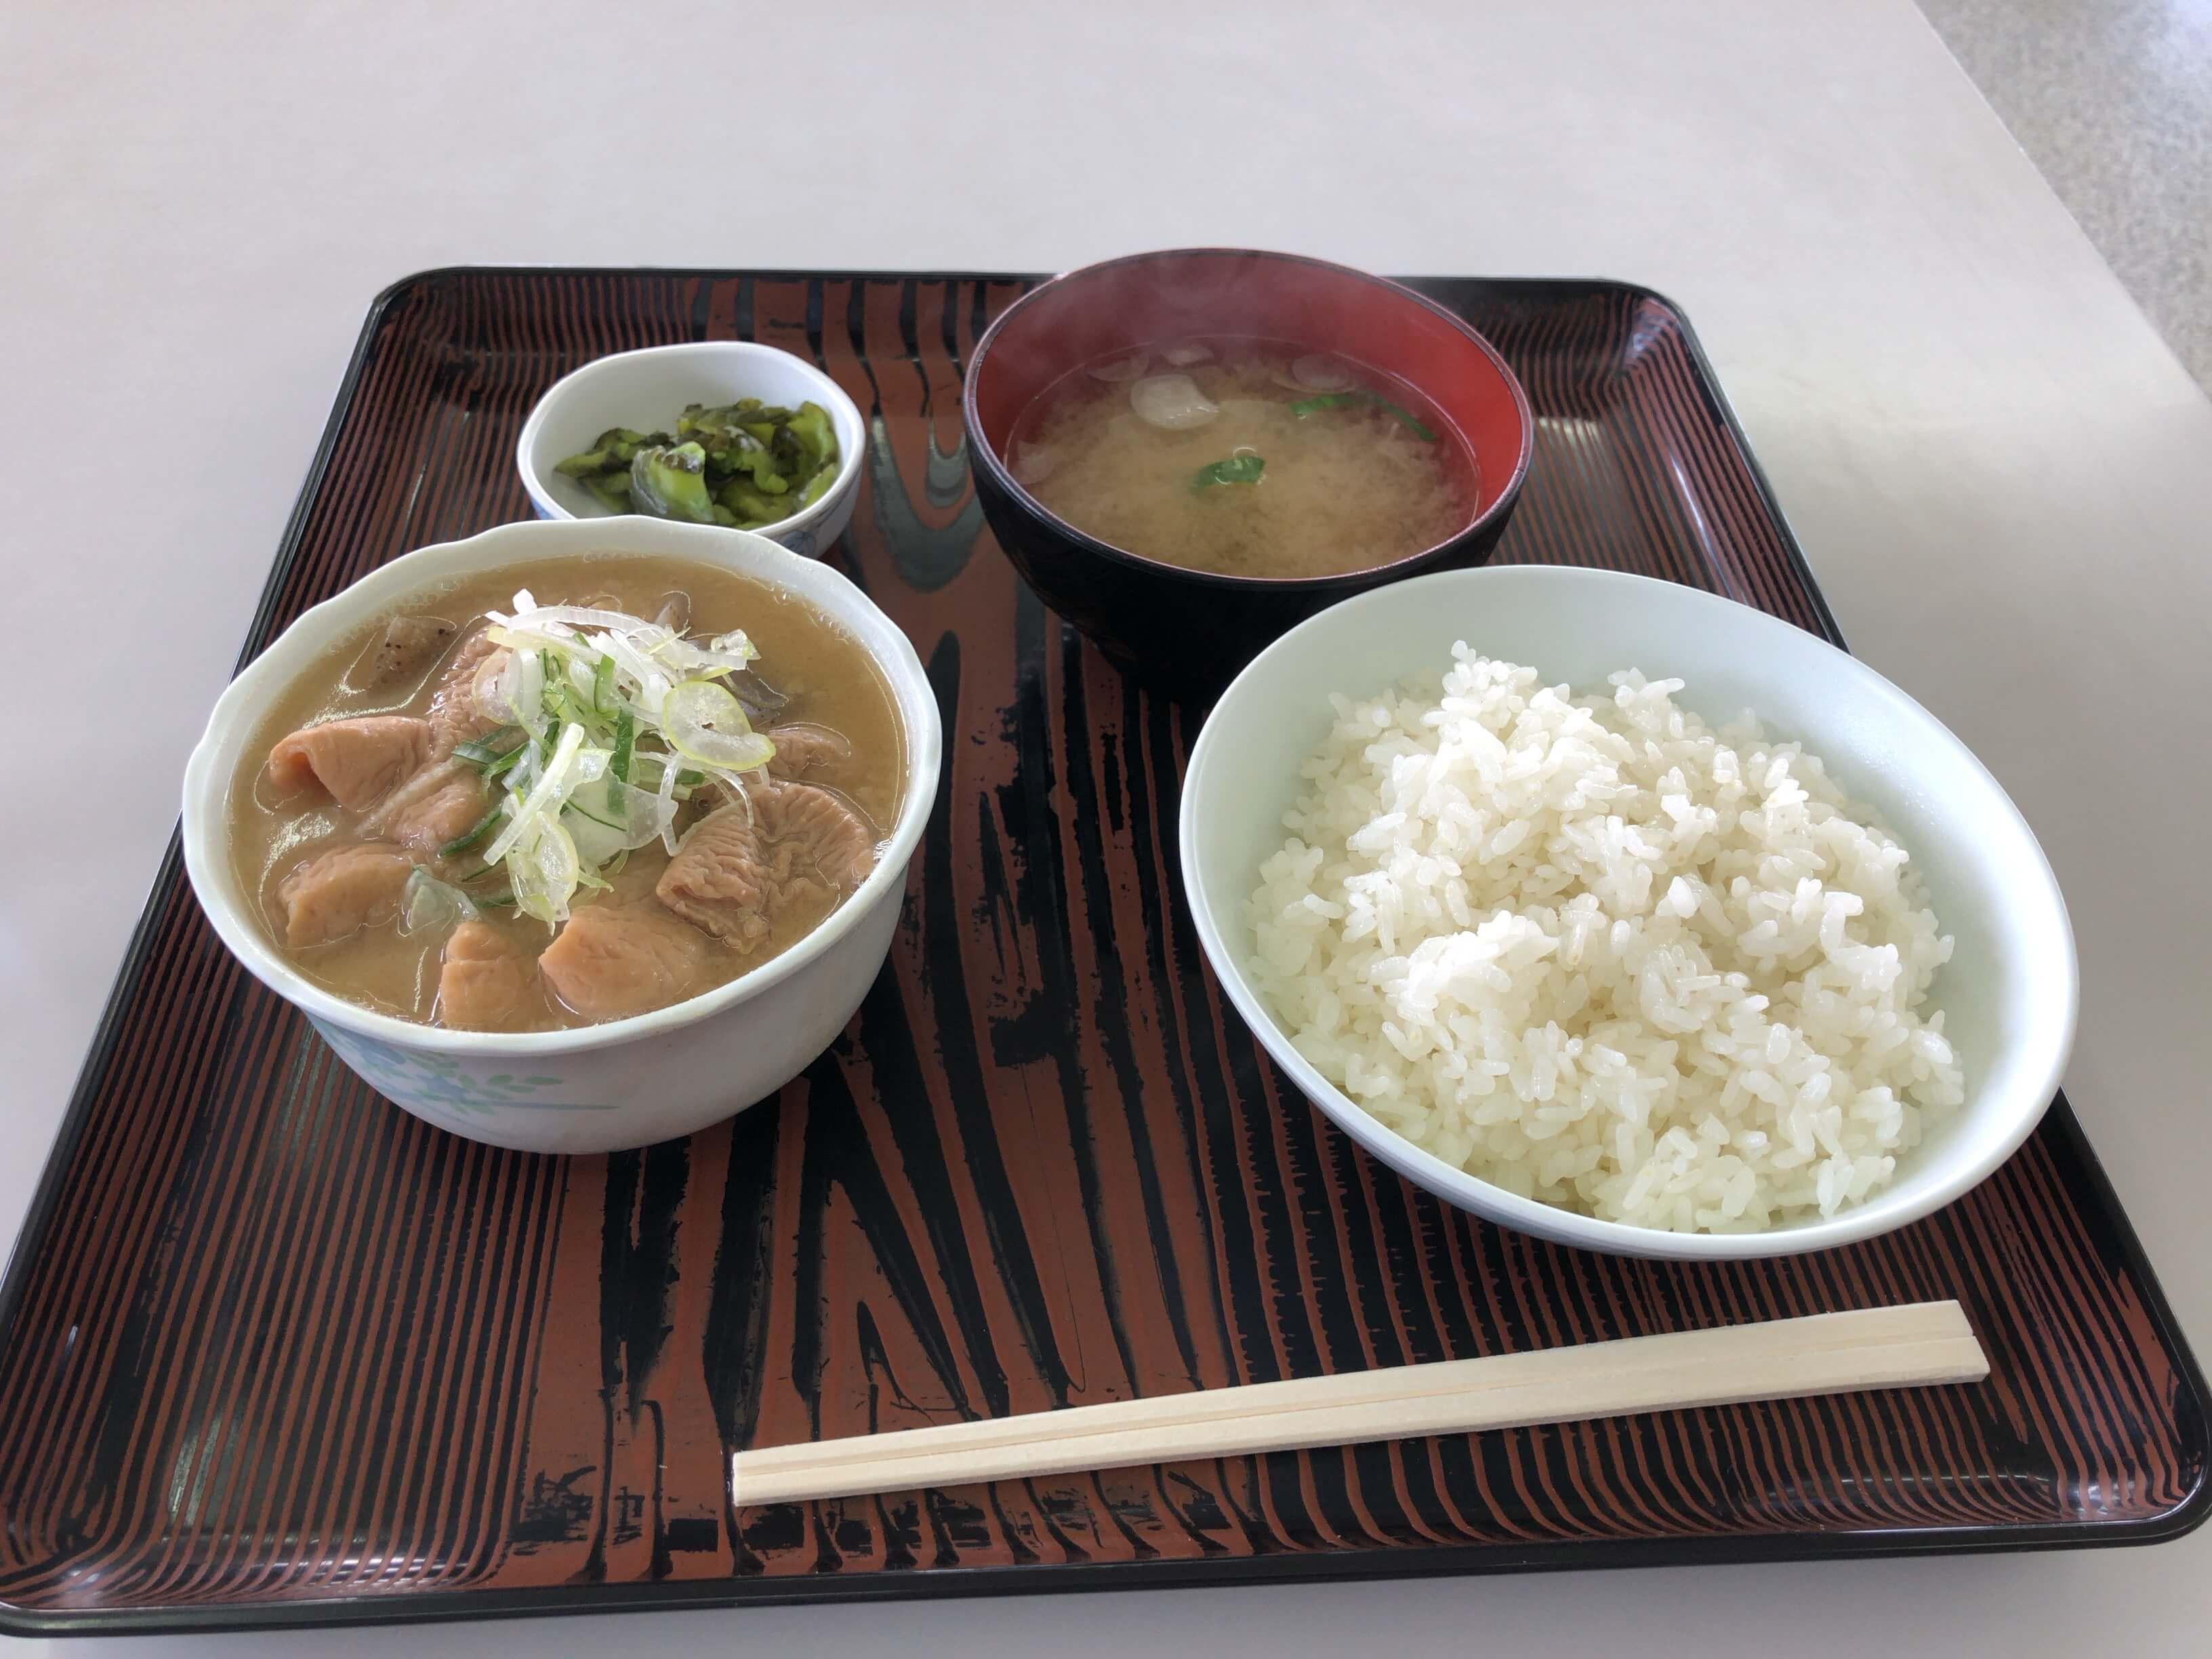 筑波サーキット ドライバーズサロン 昼食 メニュー